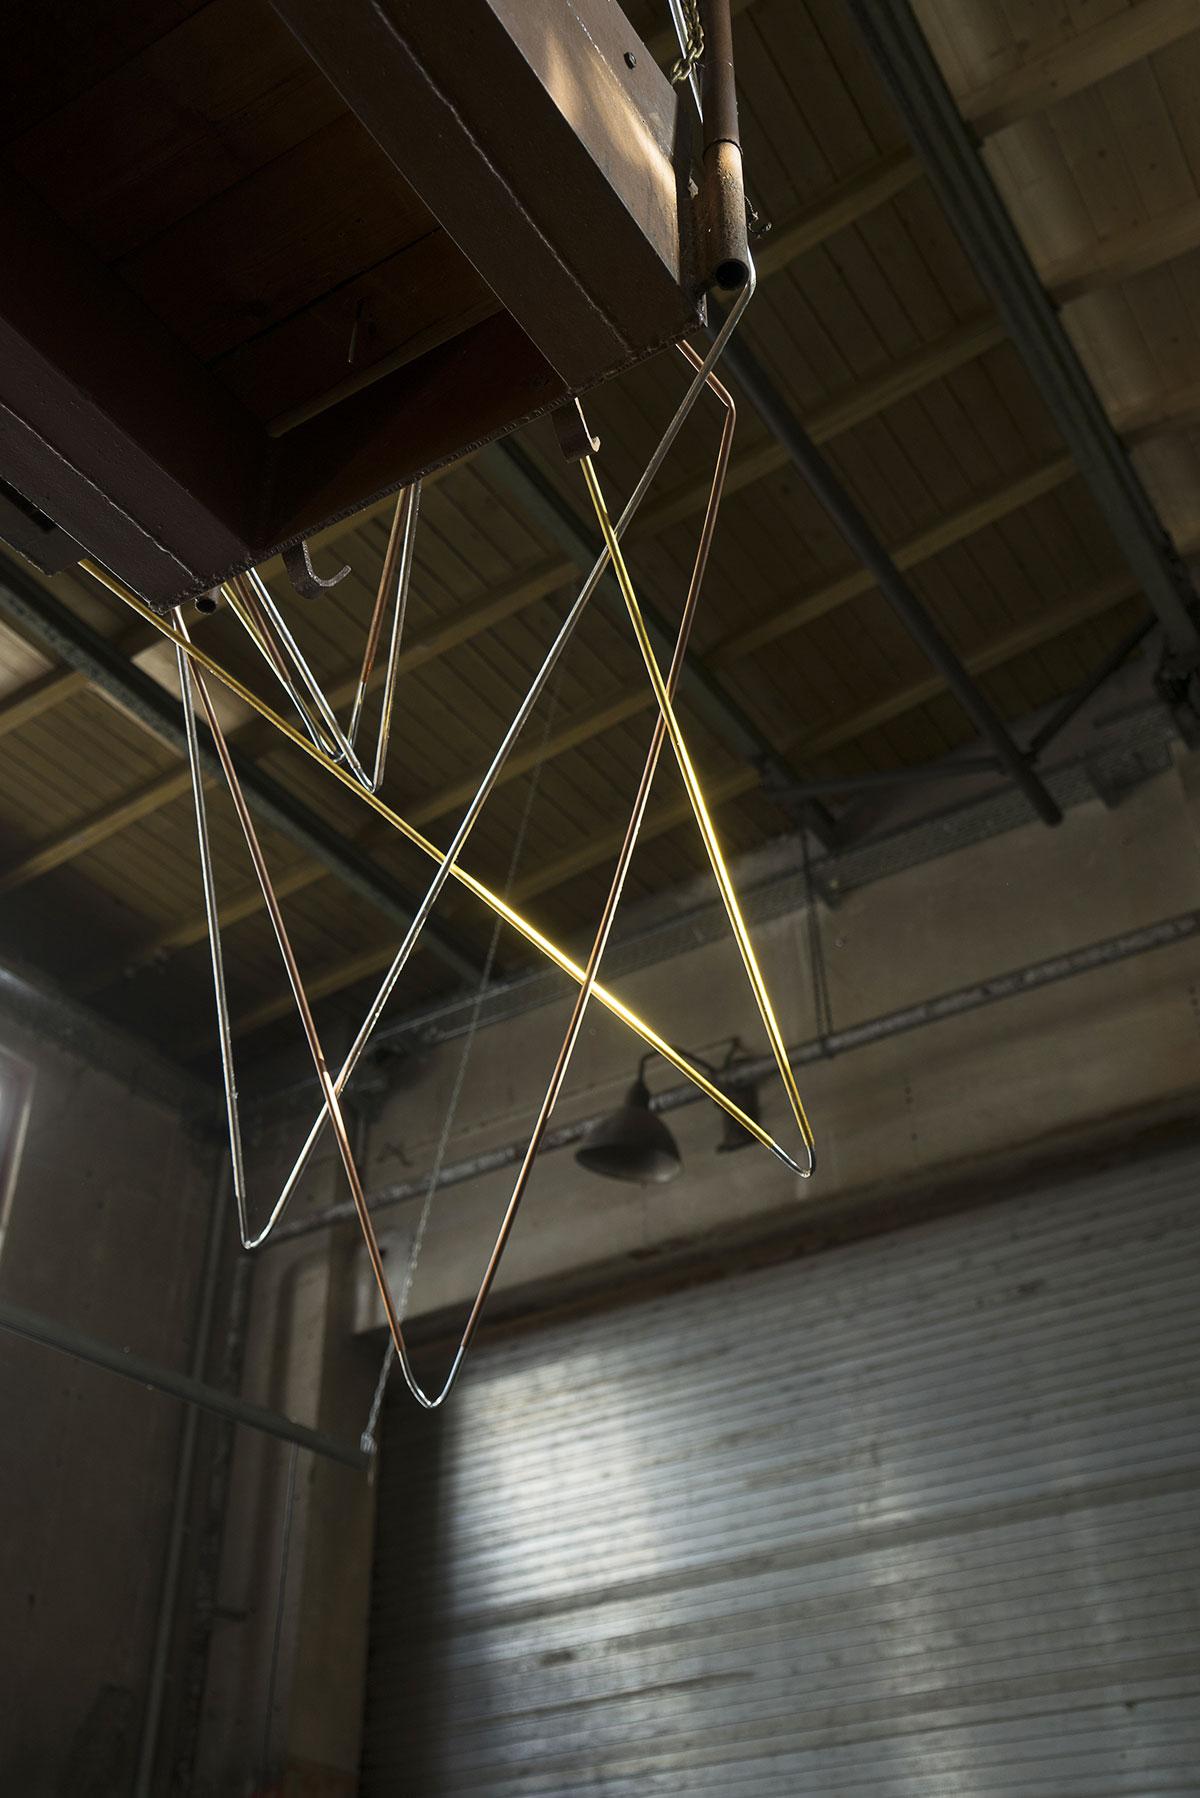 ohne Titel, Installation, (Detail), Kupferrohr, Blattsilber, Blattgold, Ausstellungsansicht GEH8, Dresden, 2020